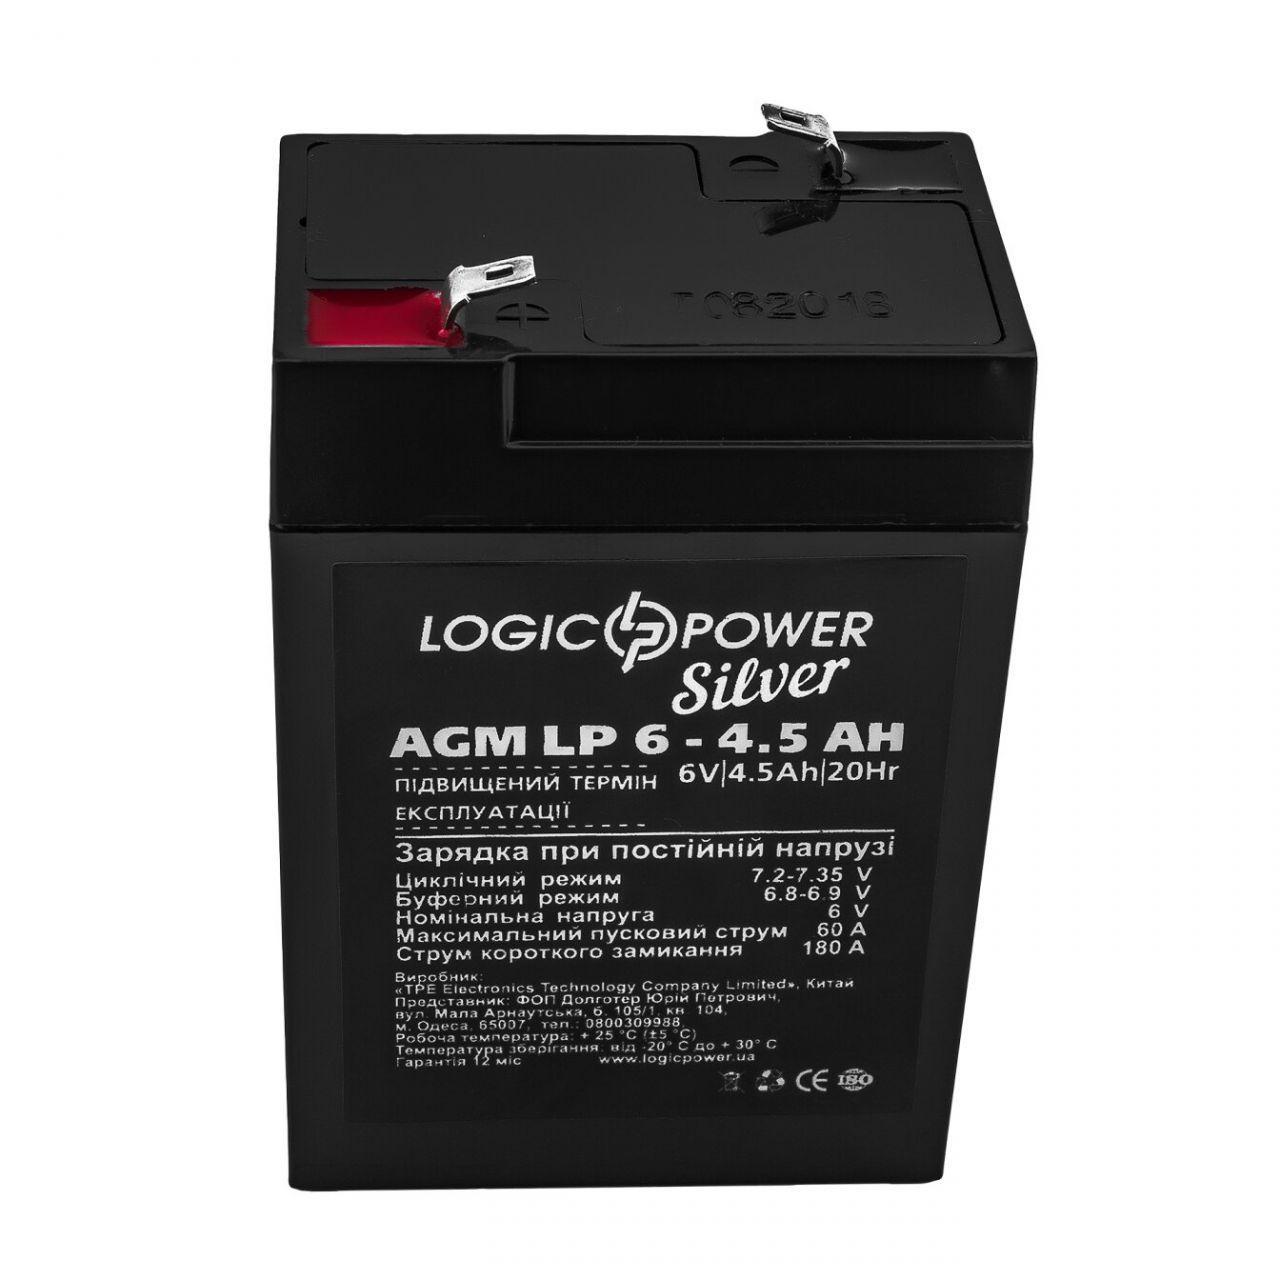 Акумуляторна батарея Logicpower LP 6V 4.5 Ah (LP 6 - 4.5 AH) AGM